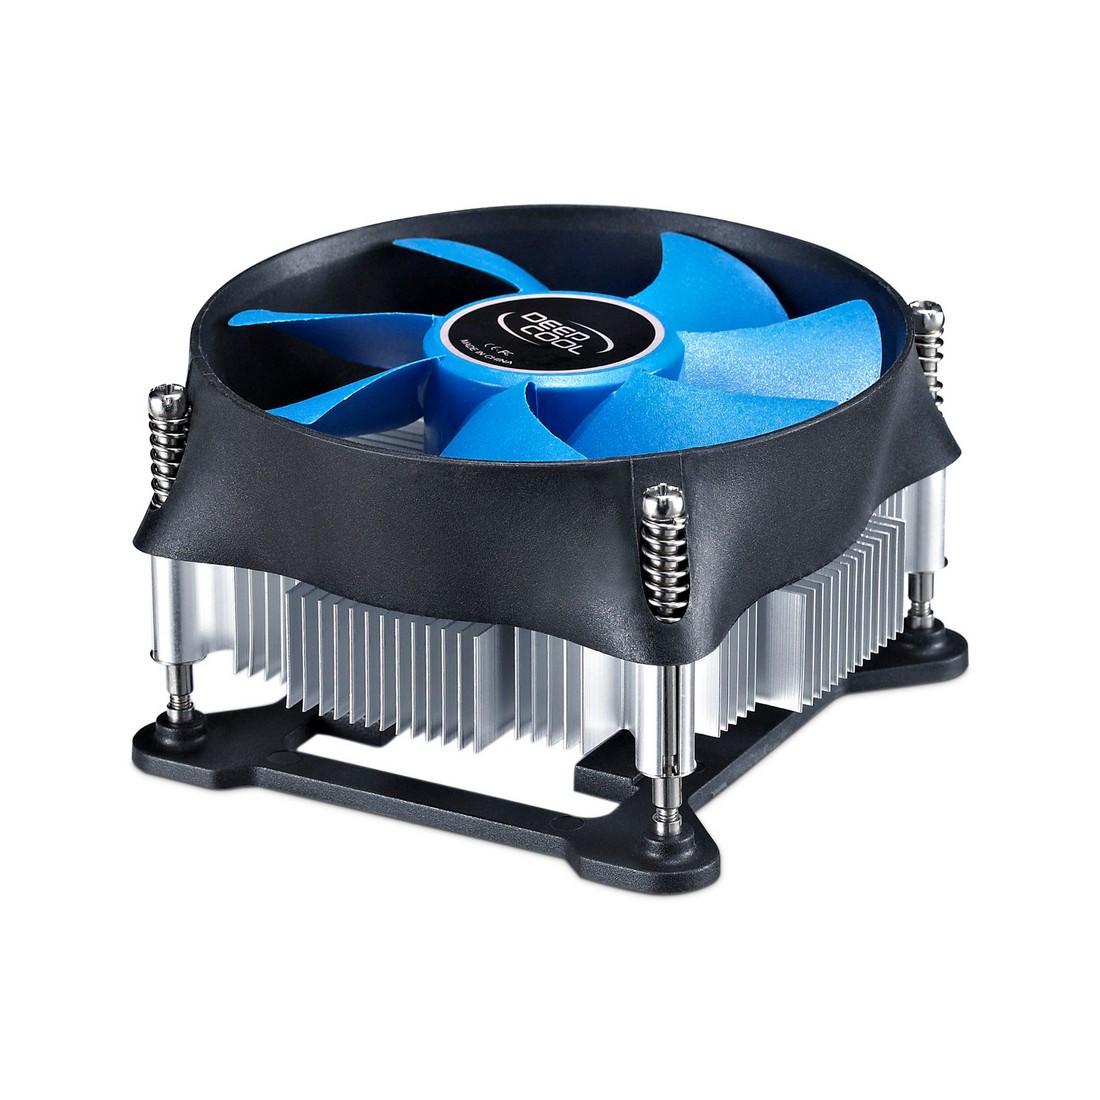 Кулер для процессора Intel Deepcool THETA 15